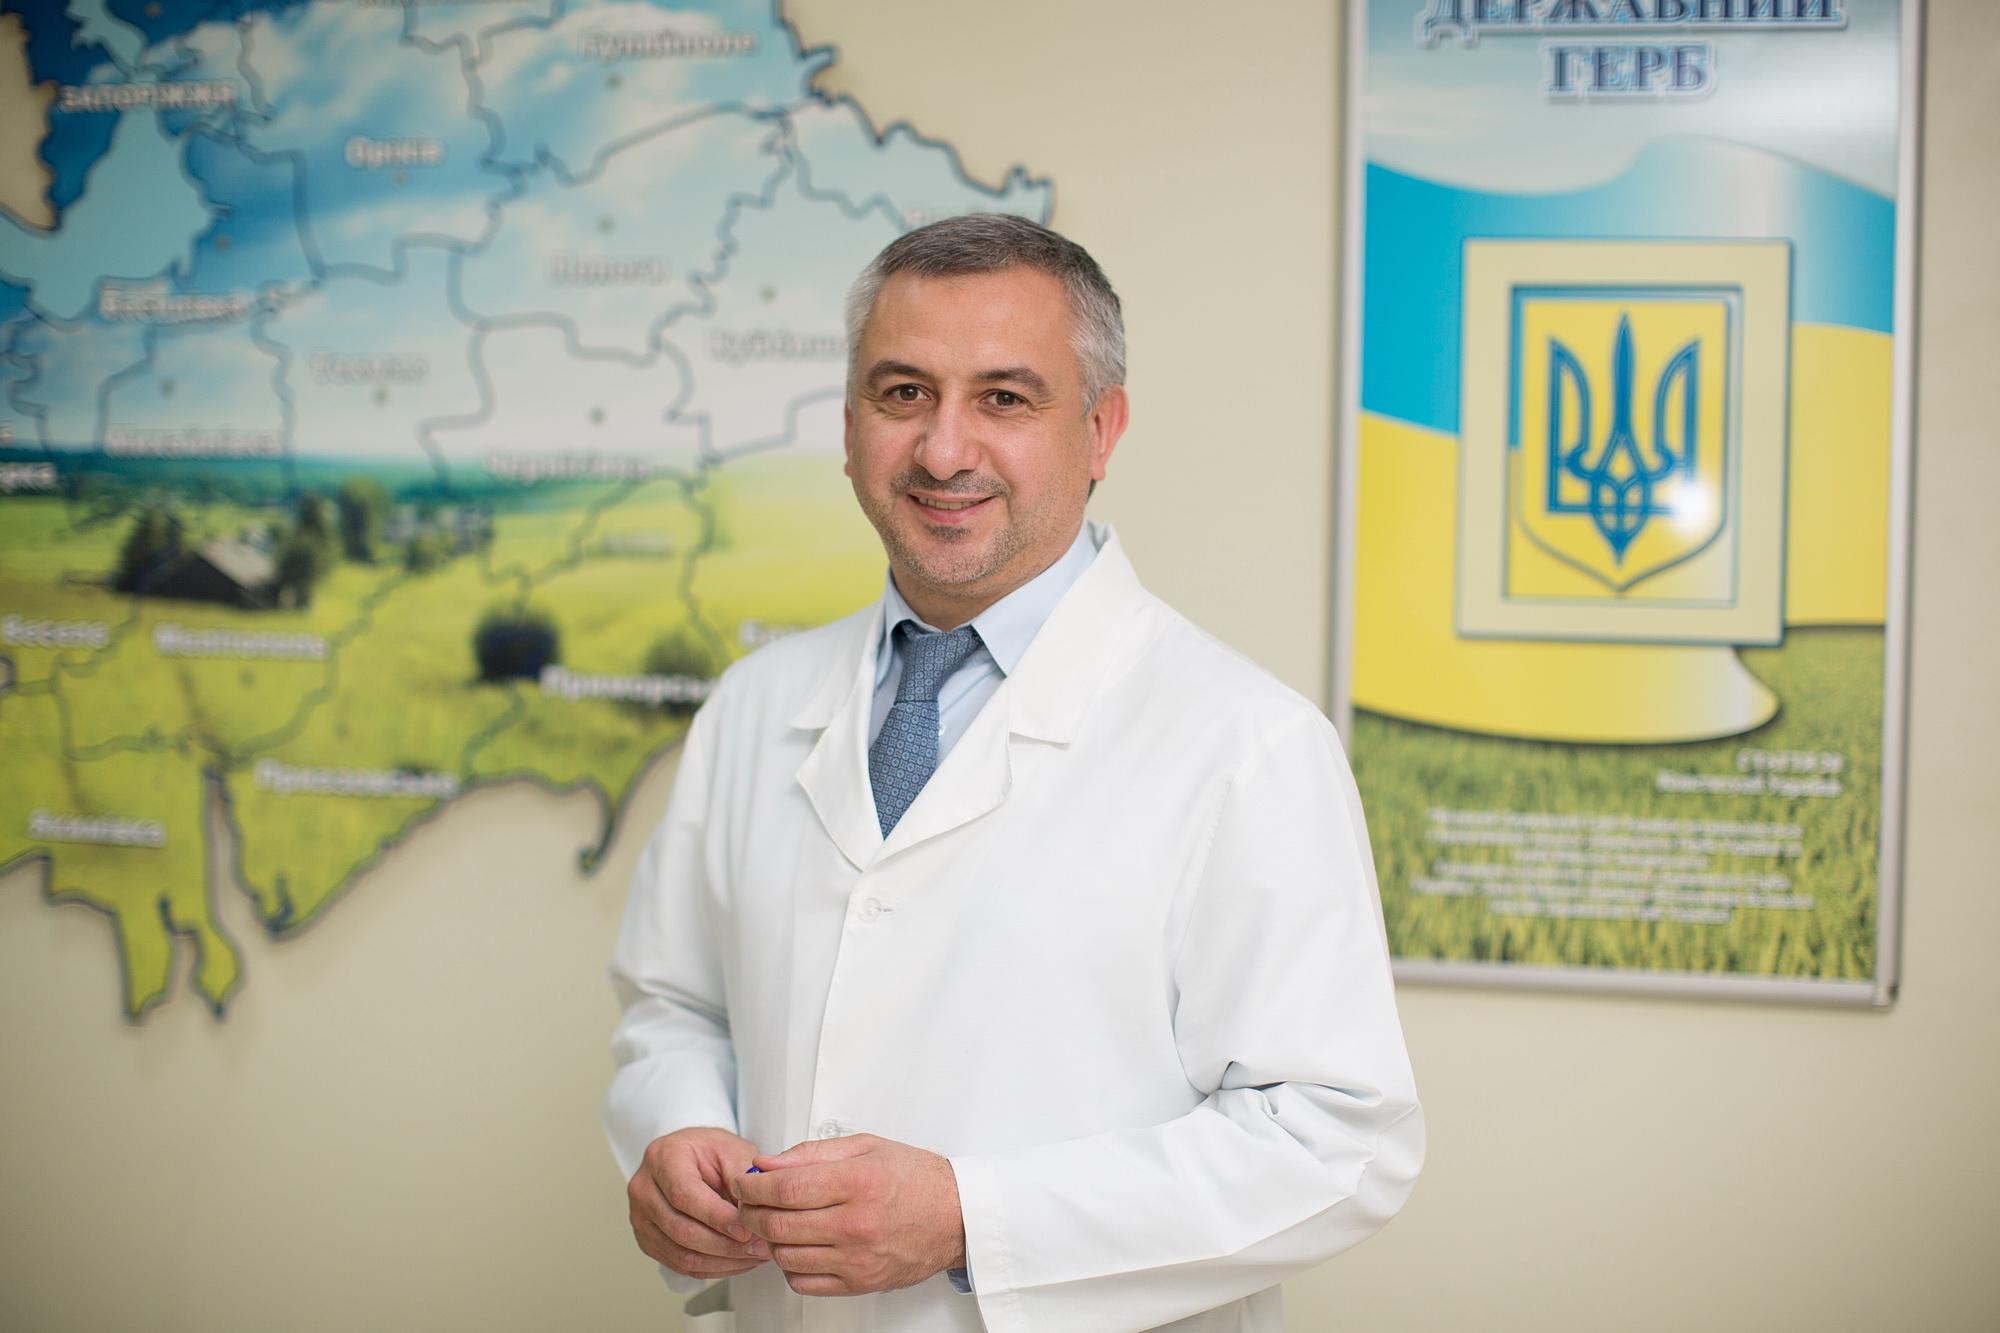 Официально: главврач Запорожской облбольницы Игорь Шишка обвиняется в нанесении государству 13 миллионов гривен ущерба